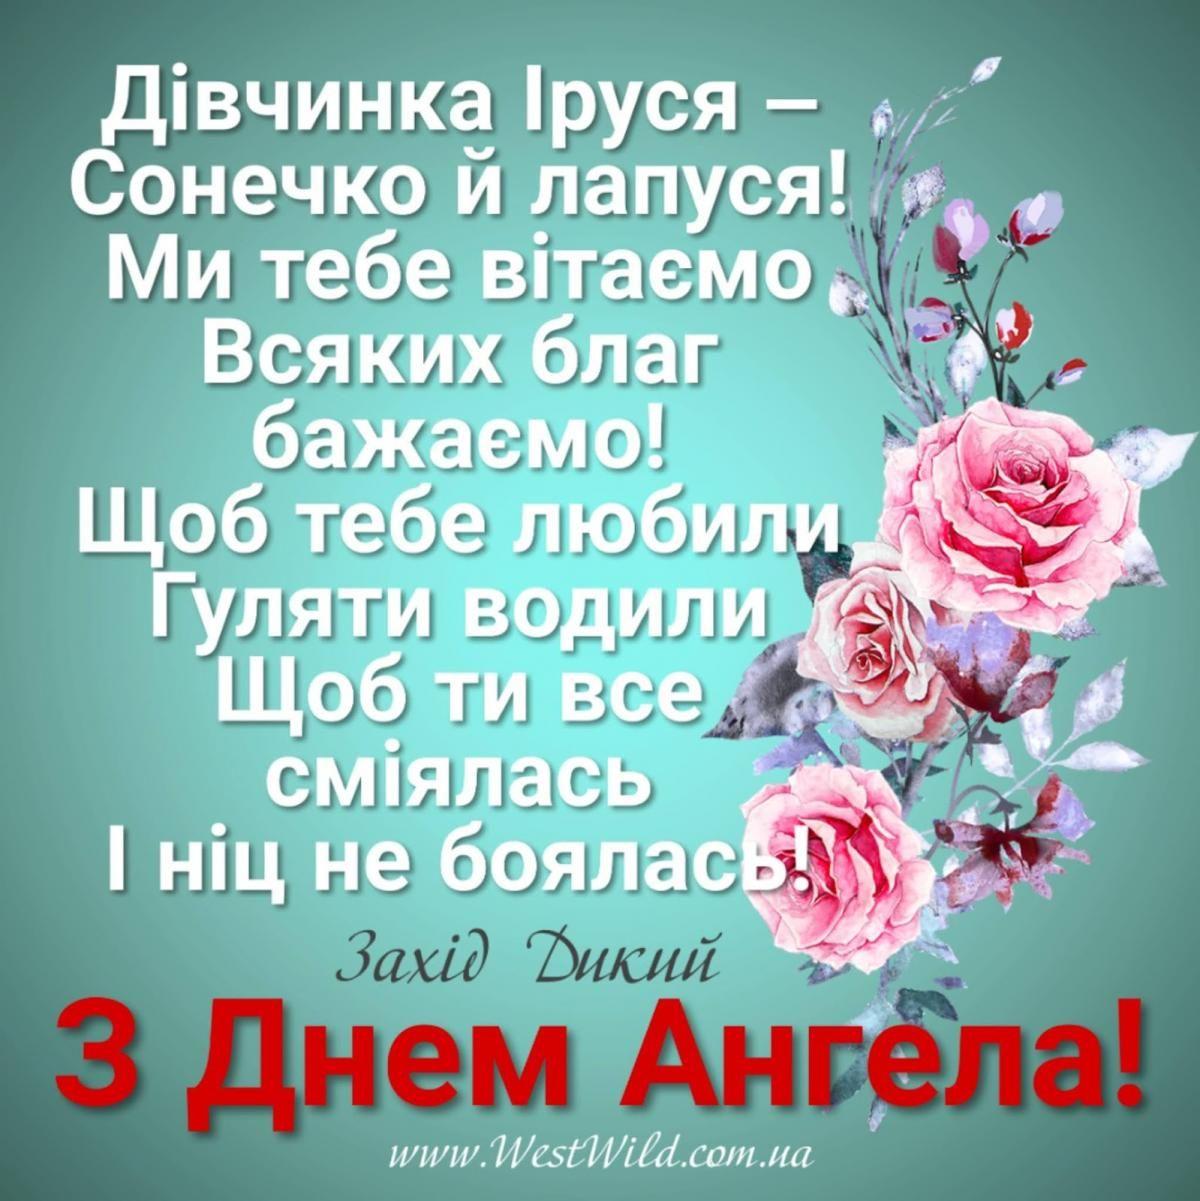 Привітання з Днем ангела Ірини / westwild.com.ua